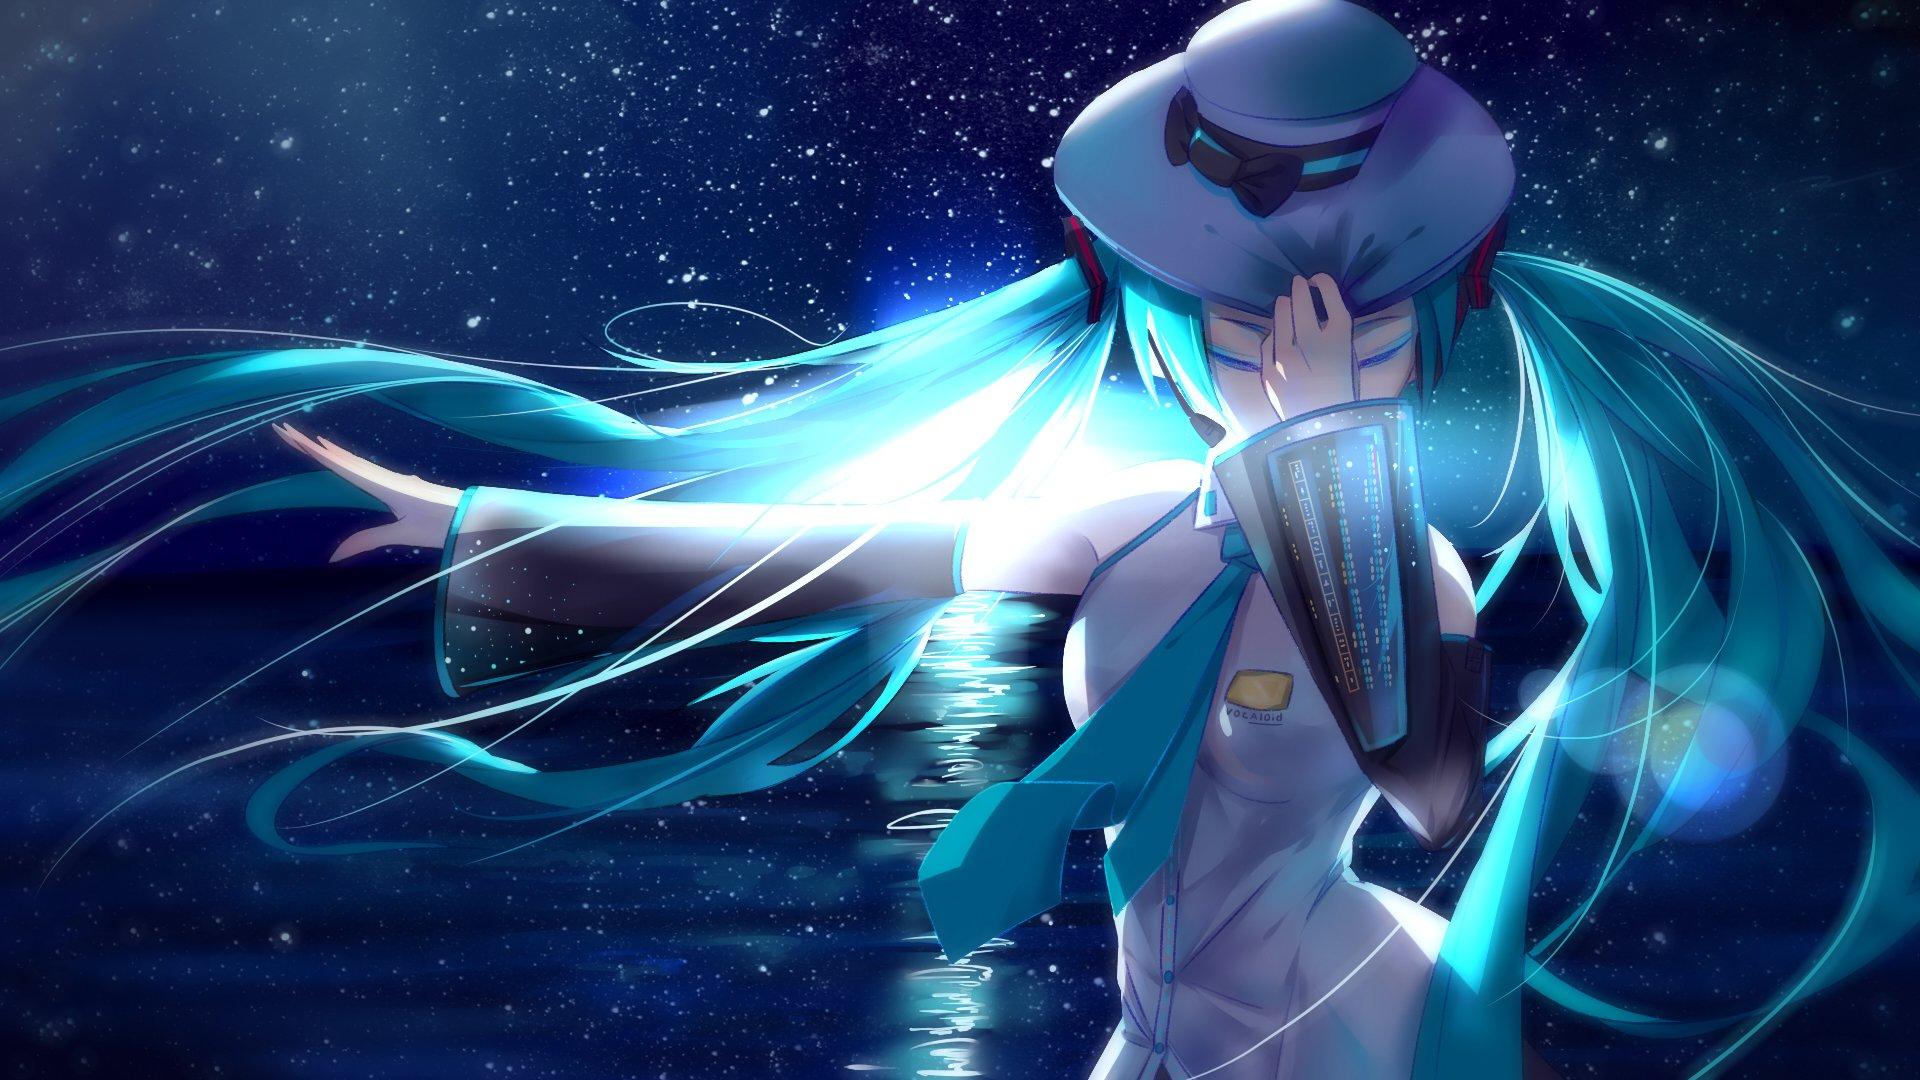 Hatsune miku fondo de pantalla hd fondo de escritorio - Anime para fondo ...